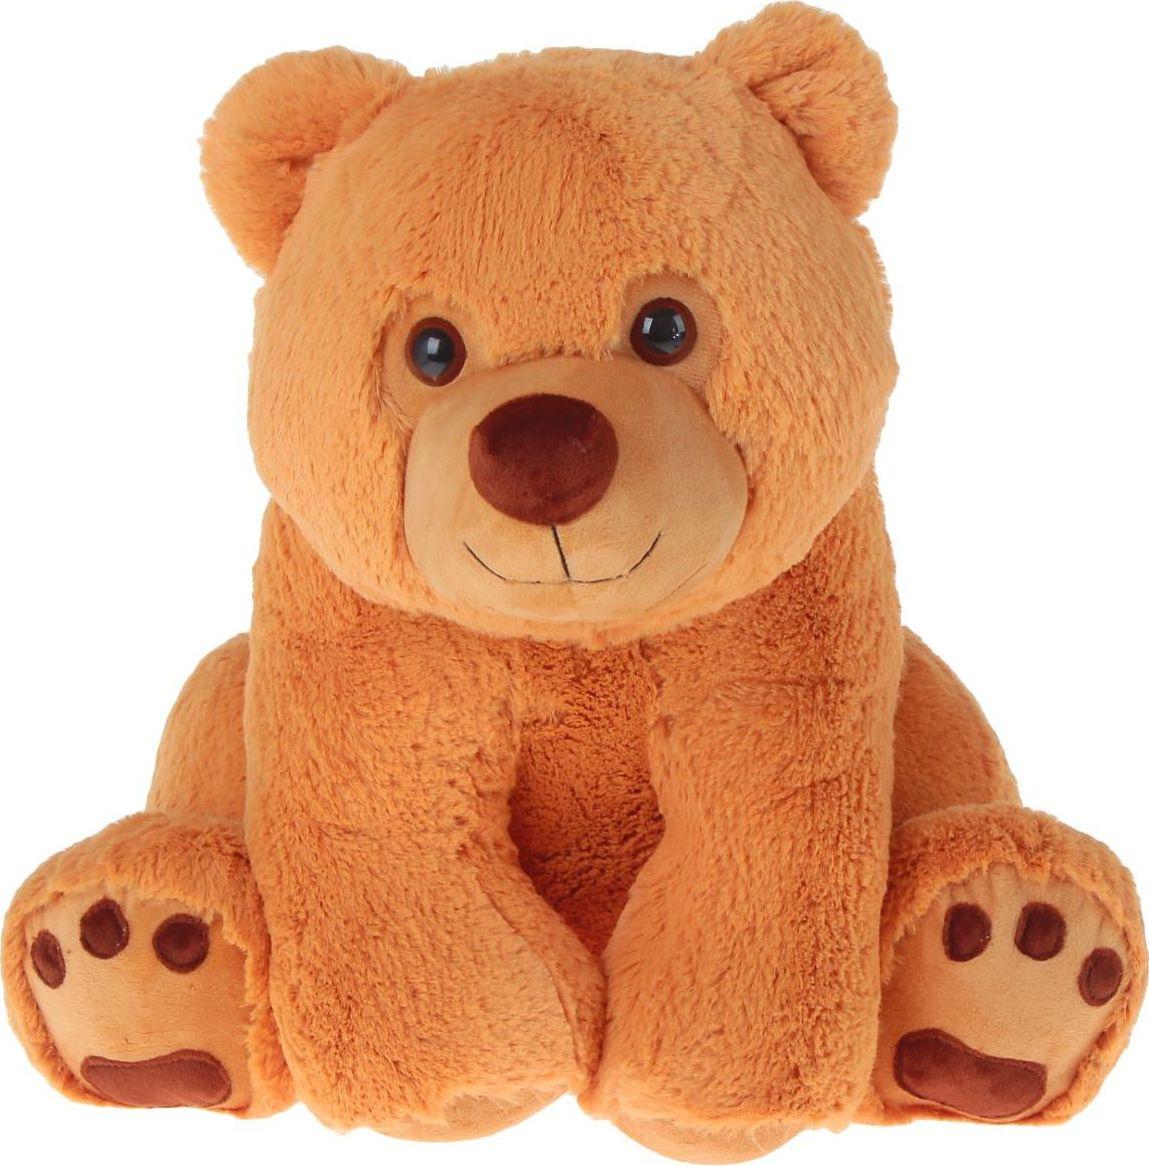 Sima-land Мягкая игрушка Медвежонок малый цвет карамельный 55 см1700984Плюшевый медведь - одна из самых символичных и популярных игрушек. Косолапый зверь есть почти у каждого ребёнка, он является главным участником различных забав и развлечений. Мишка станет для малыша верным другом и хорошим компаньоном во множестве игр. Кроме того, это отличный подарок любимому человеку! Игрушка сделана из мягкого и приятного на ощупь искусственного меха и её просто не захочется выпускать из рук. А высококачественный наполнитель подарит зверушке долгую жизнь. Все материалы гипоаллергенны и безопасны для здоровья ребёнка.